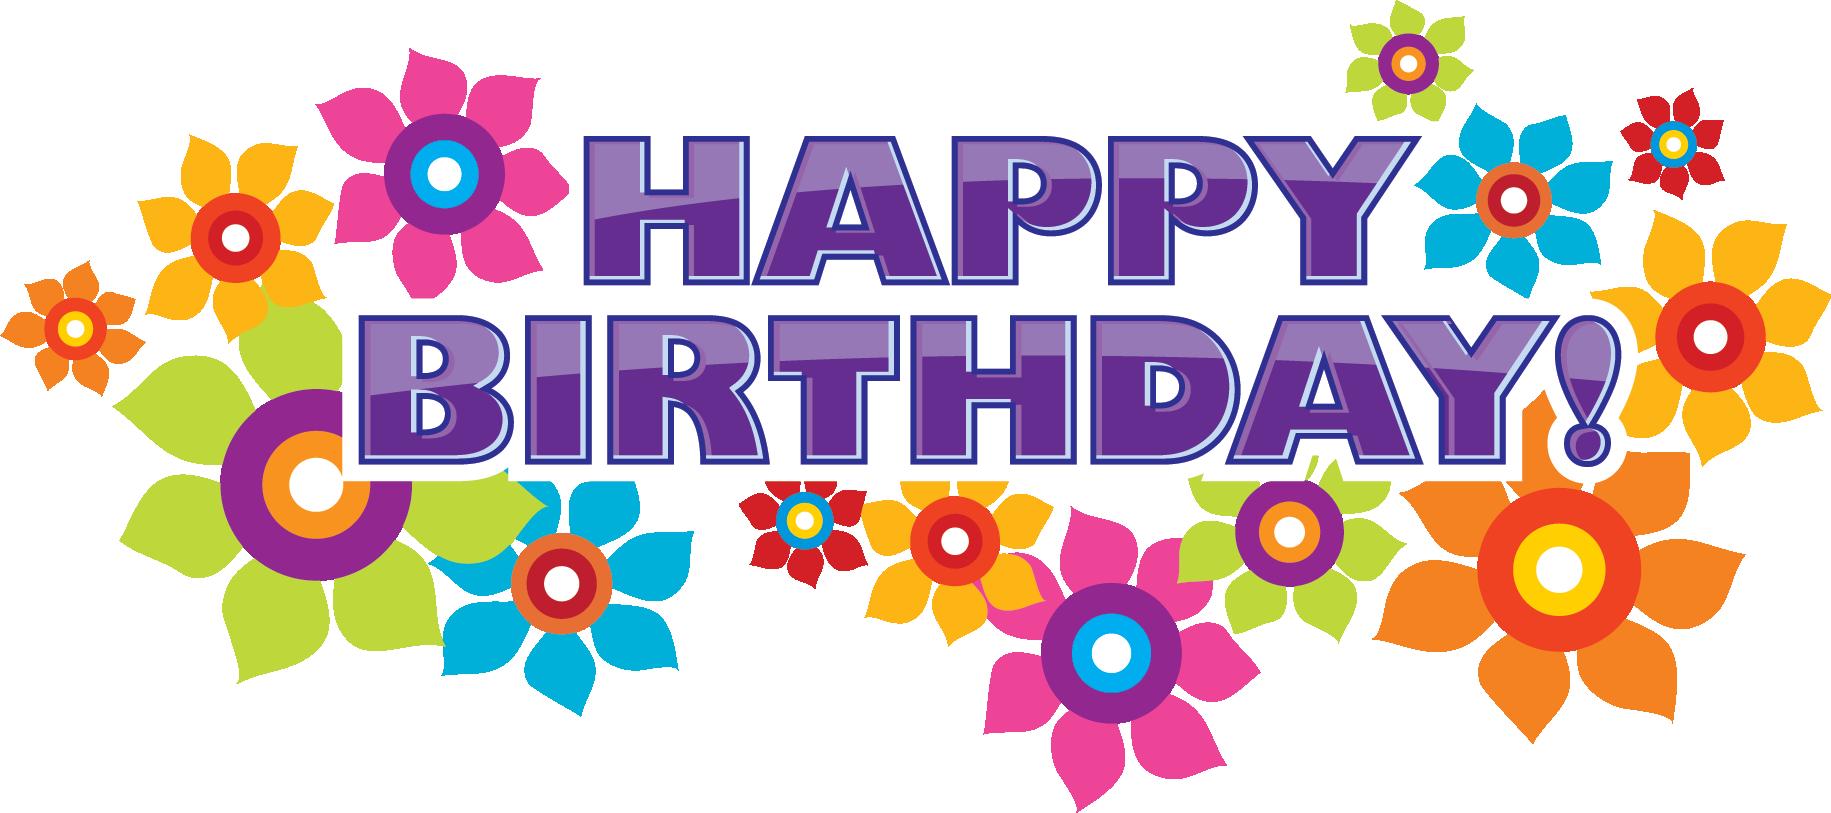 寄せ書きデザイン 文字 文章素材 Happy Birthday 花 誕生日画像 ハッピーバースデー 画像 誕生日のデザイン